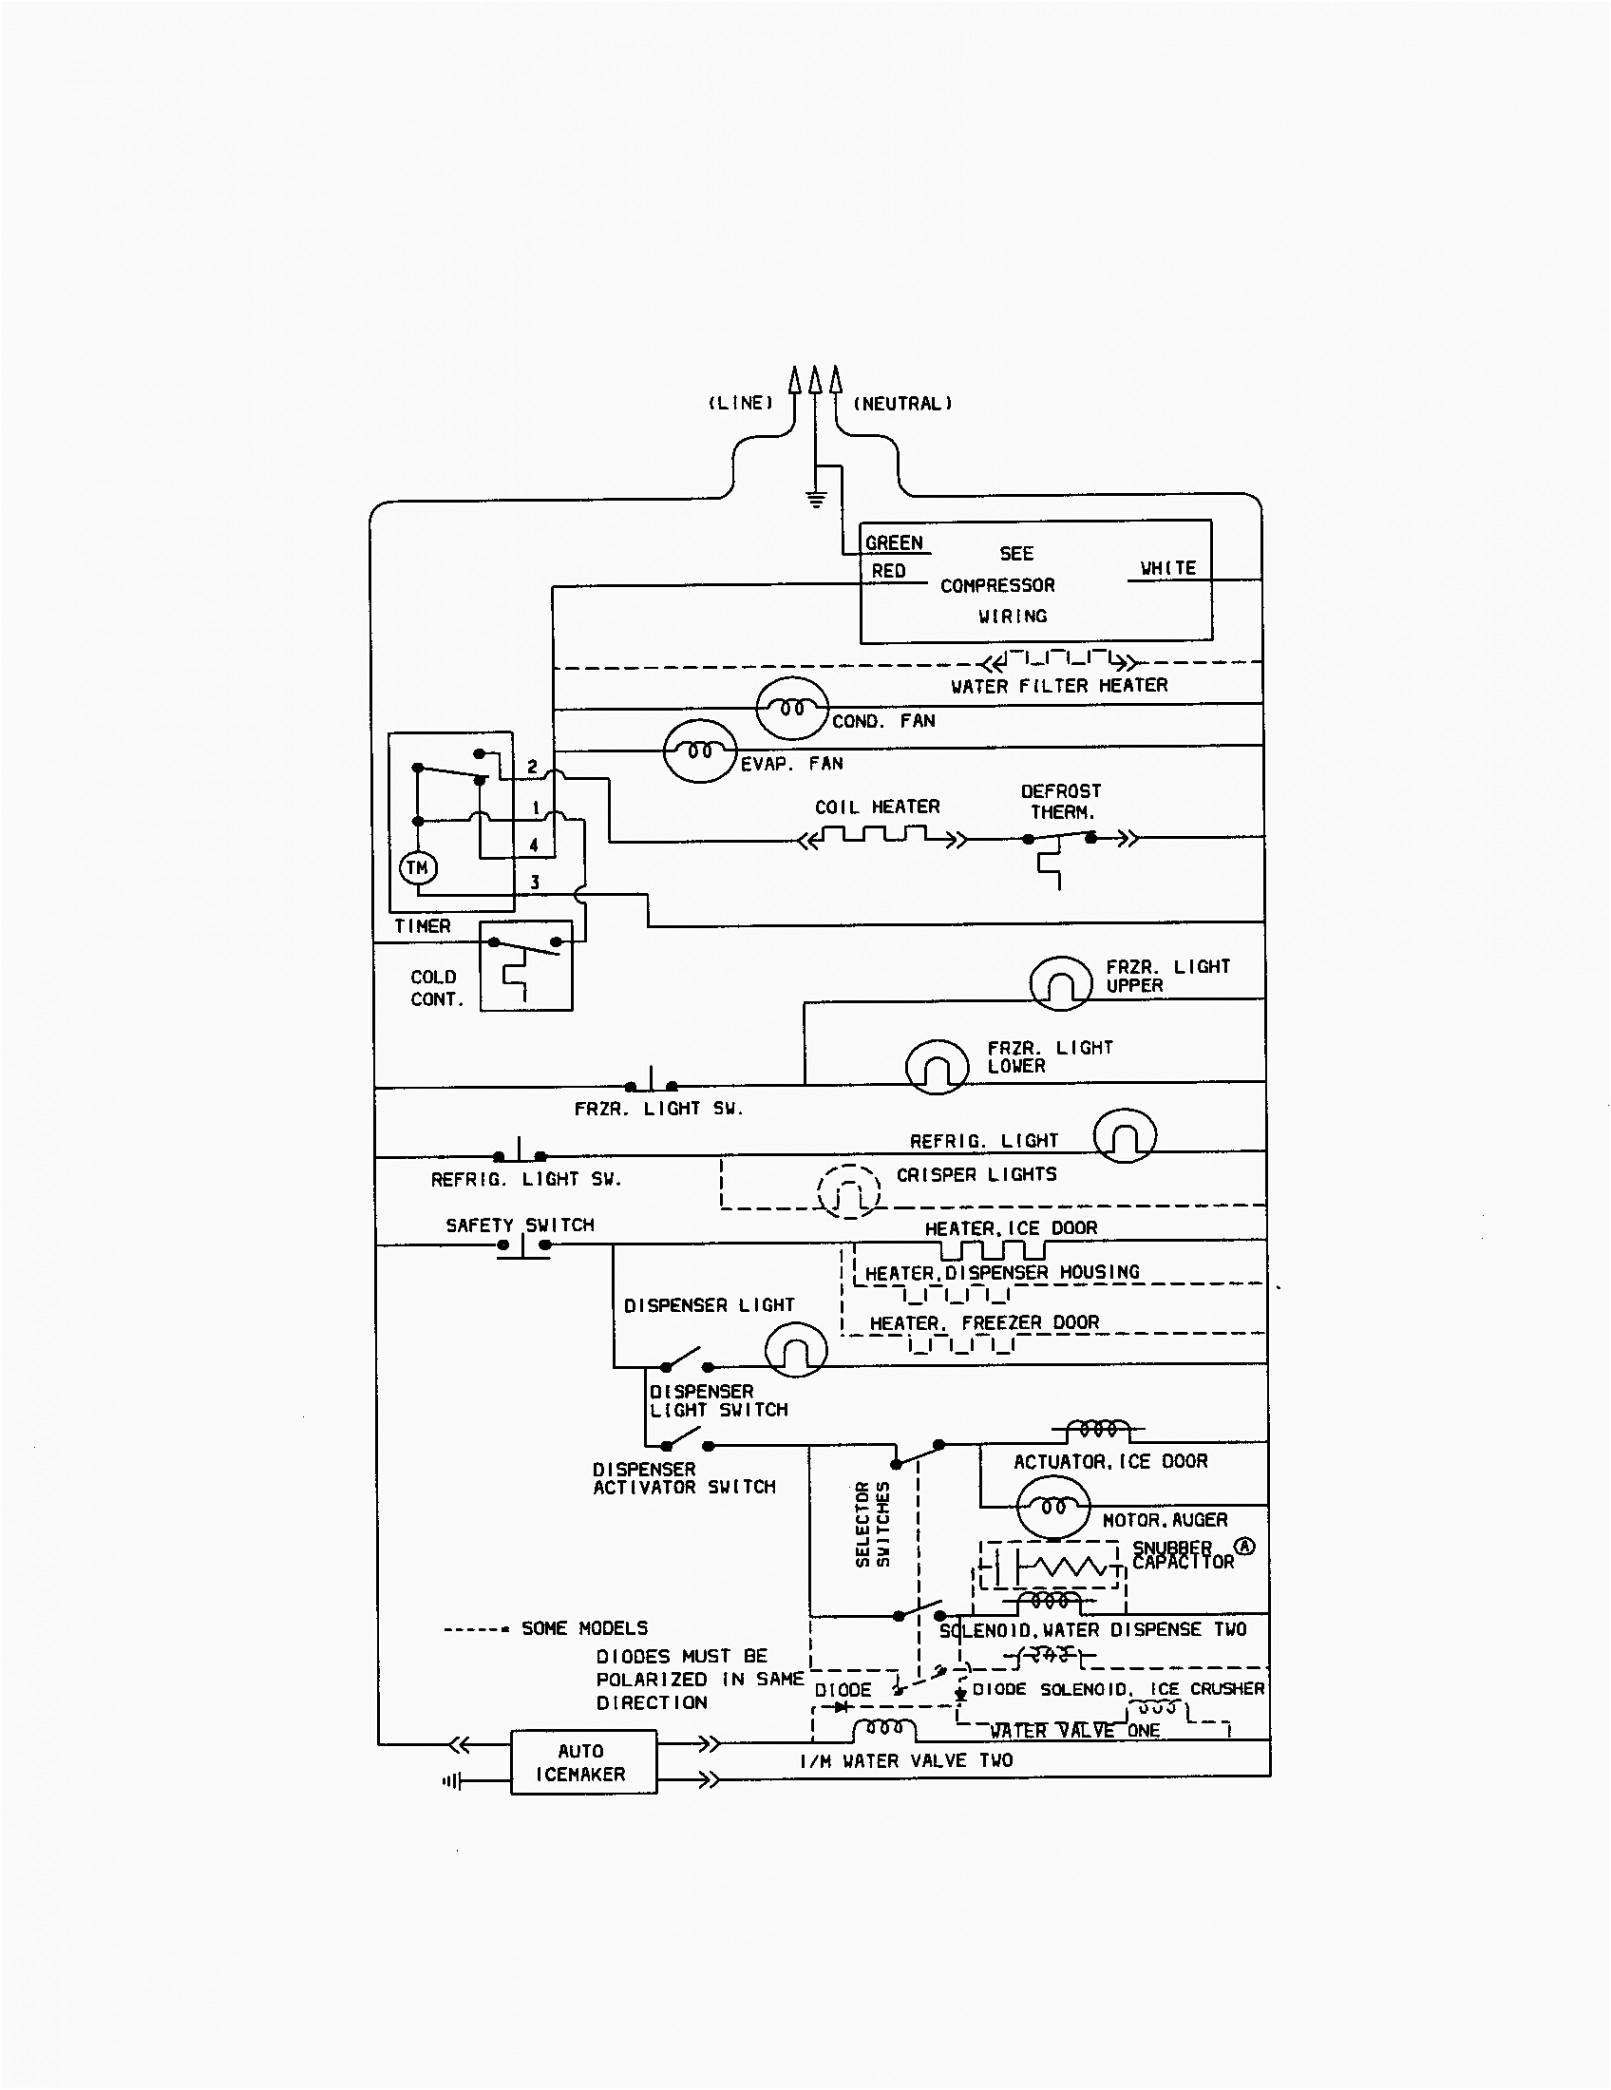 refrigerator schematic wiring